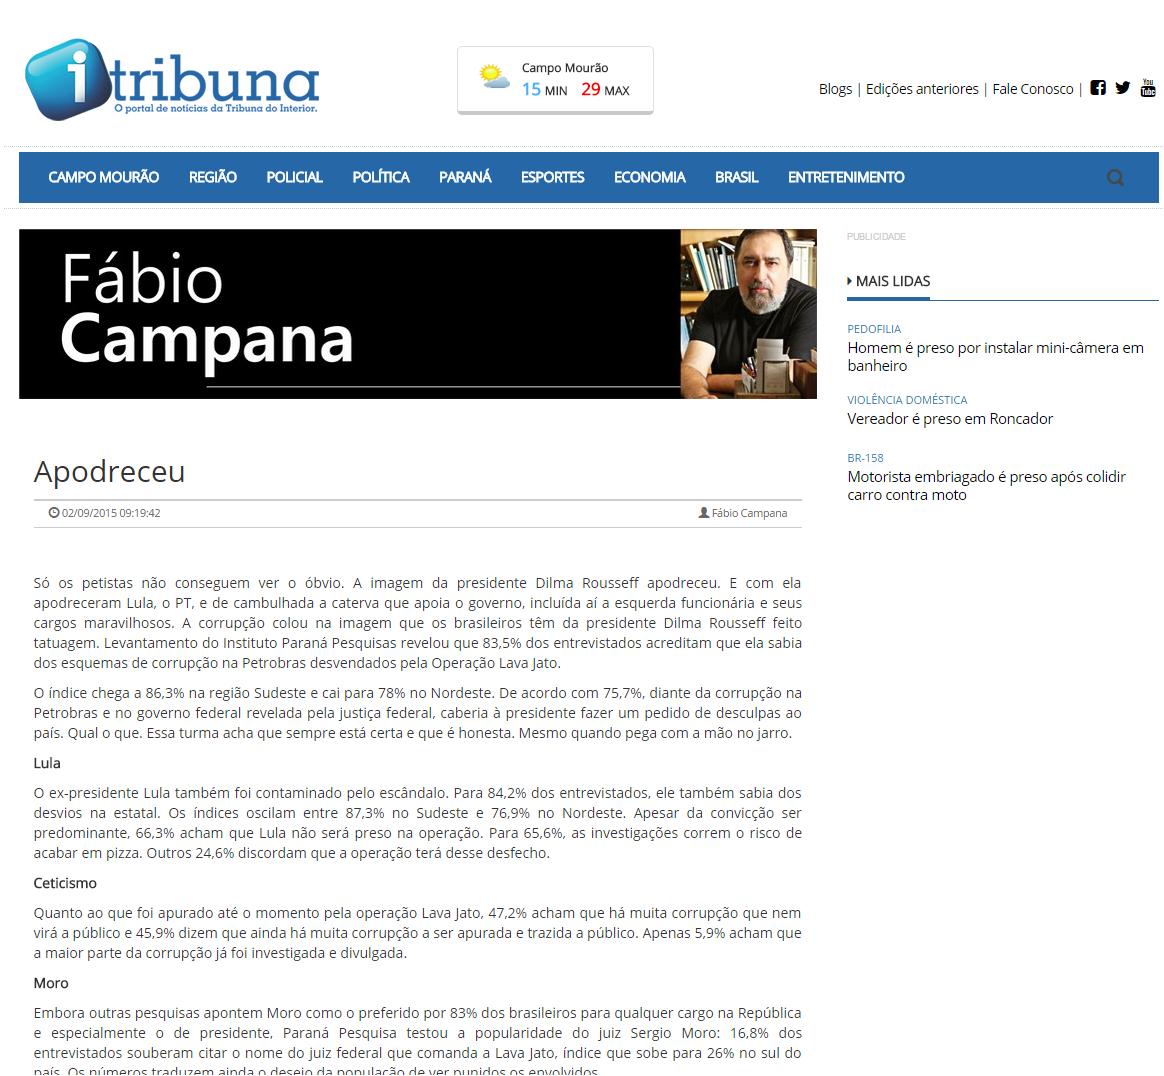 itribuna